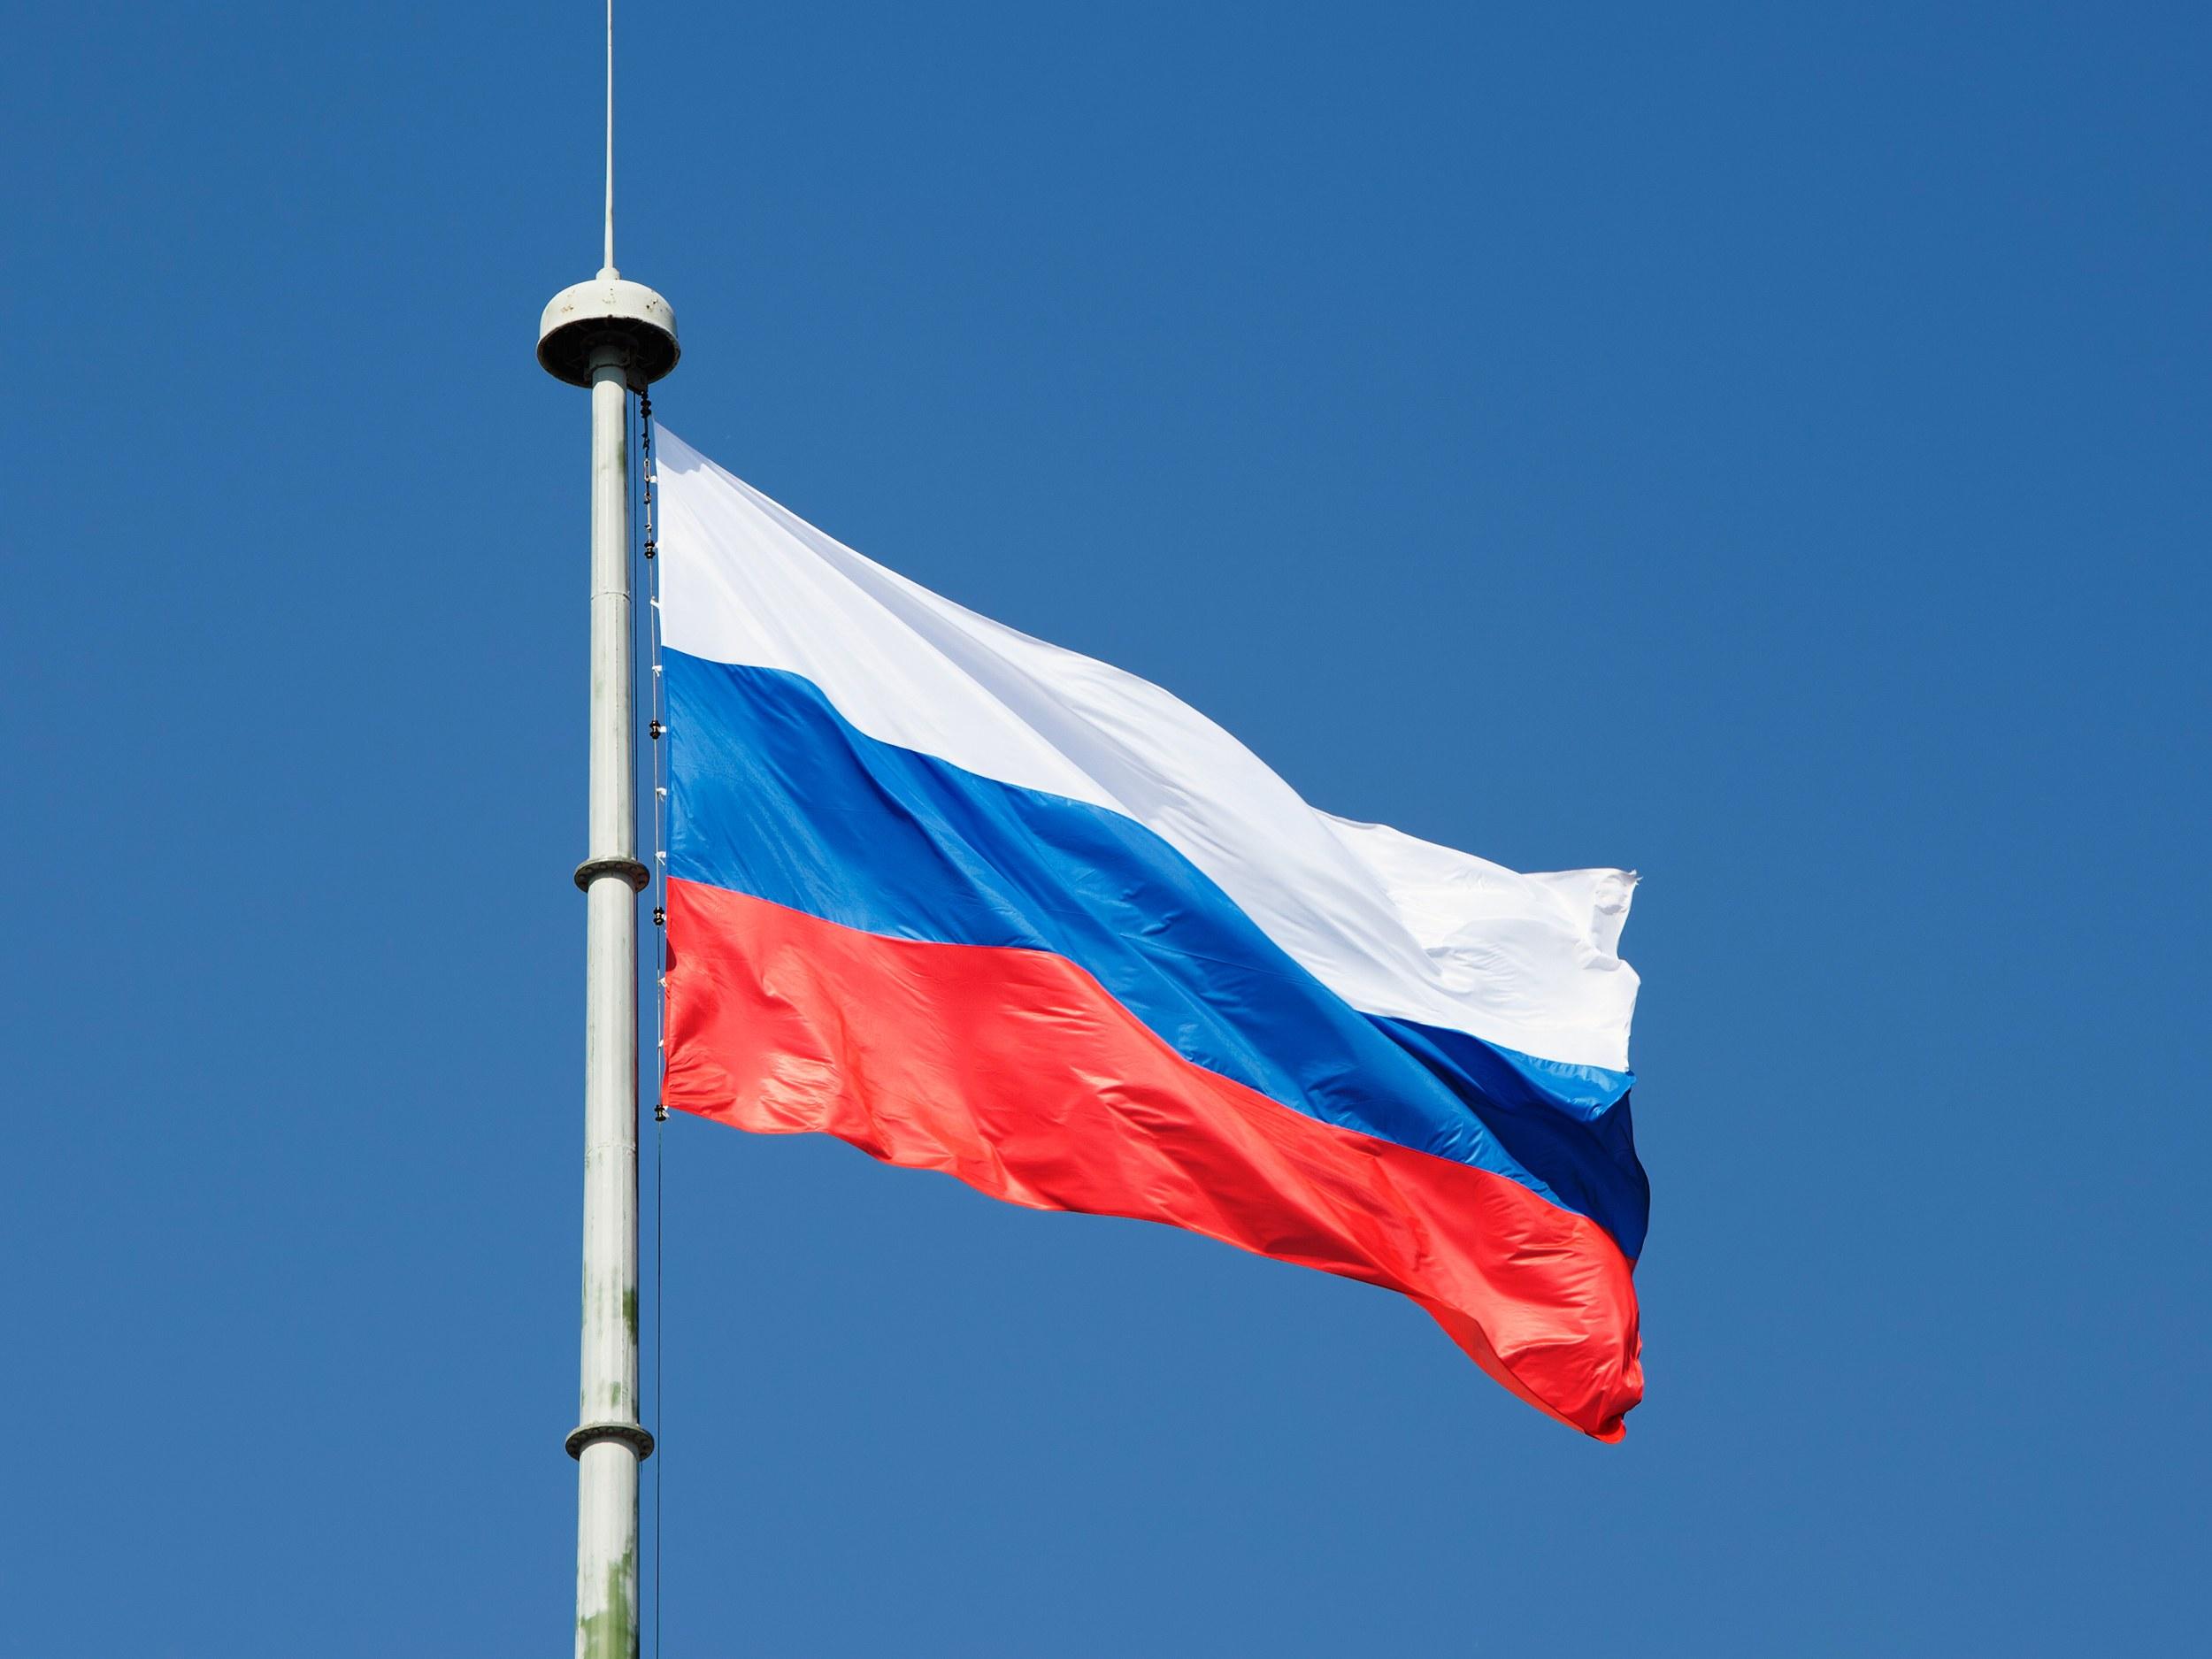 روسيا: تشديد العقوبات ضدنا هو بمثابة إعلان حرب اقتصادية